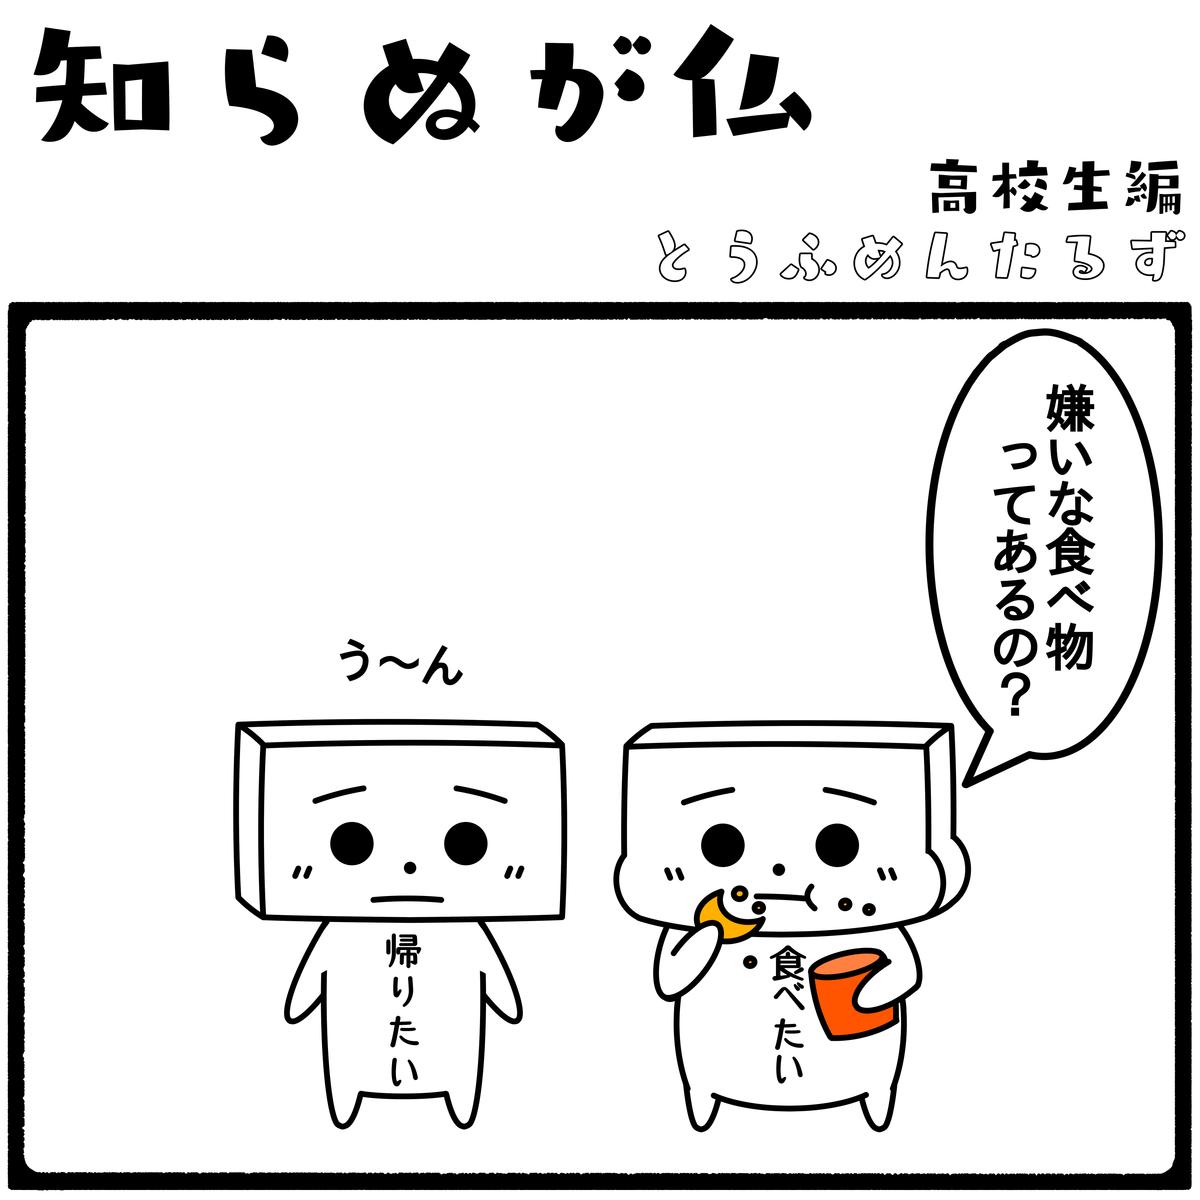 とうふめんたるず 豆腐メンタル 日常 4コマ漫画 高校